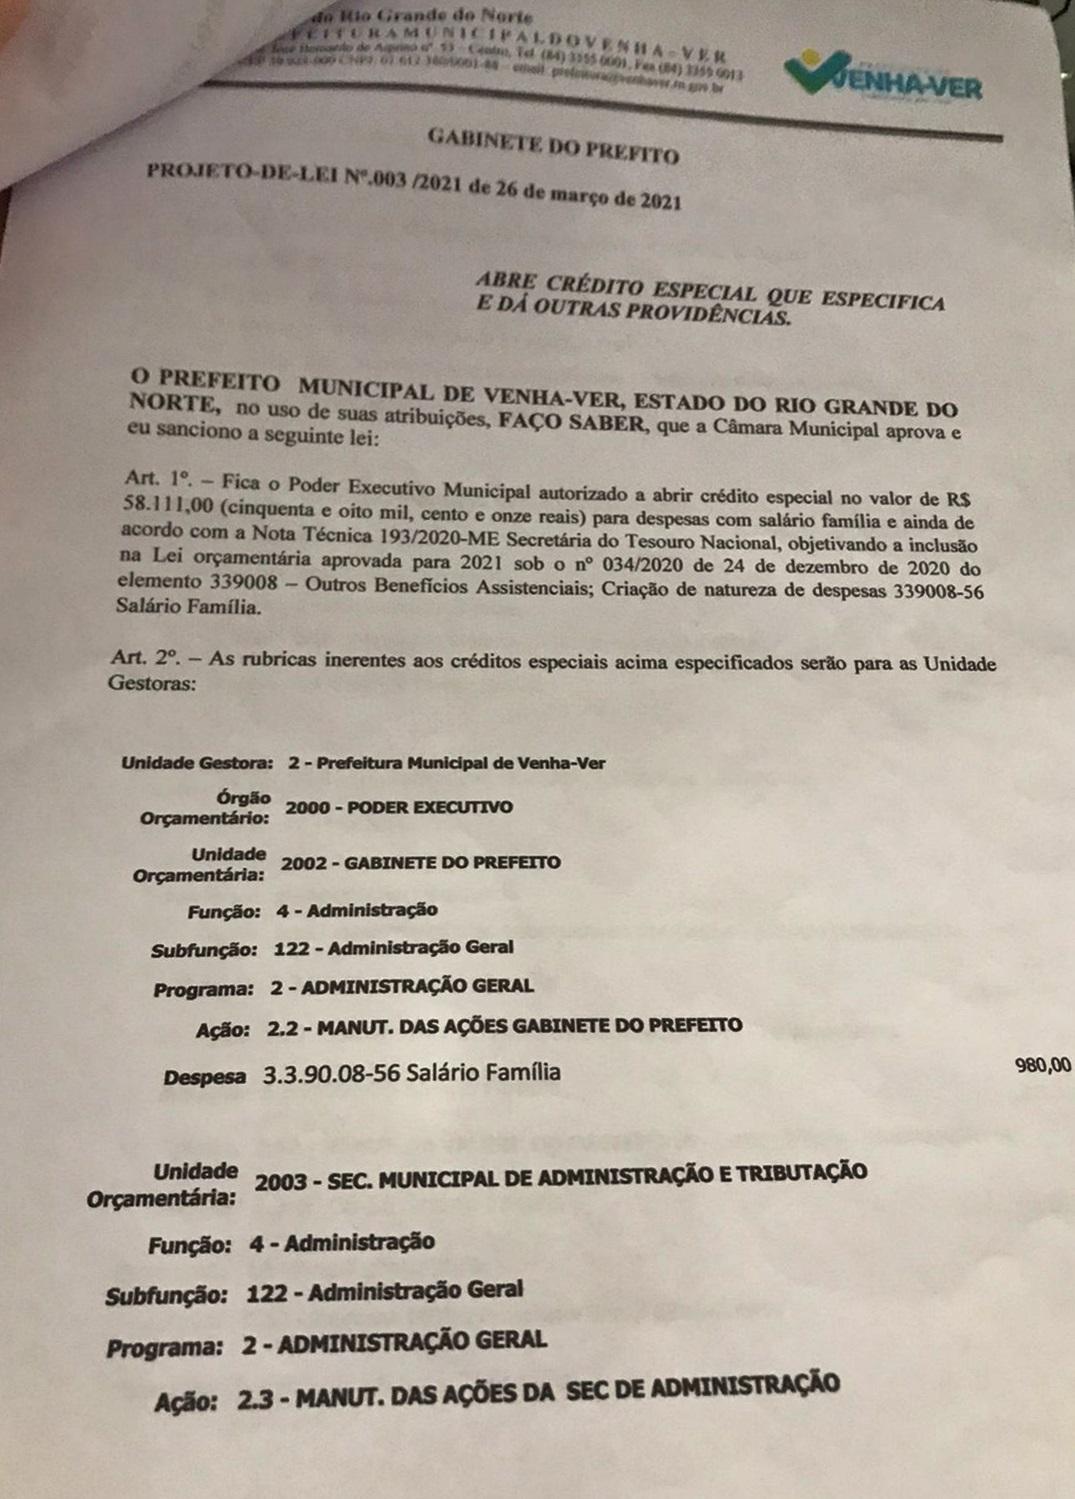 doc vv - PERSEGUIÇÃO: Vereadores de oposição do município de Venha-Ver rejeitam projeto do prefeito que solicitava salário família.